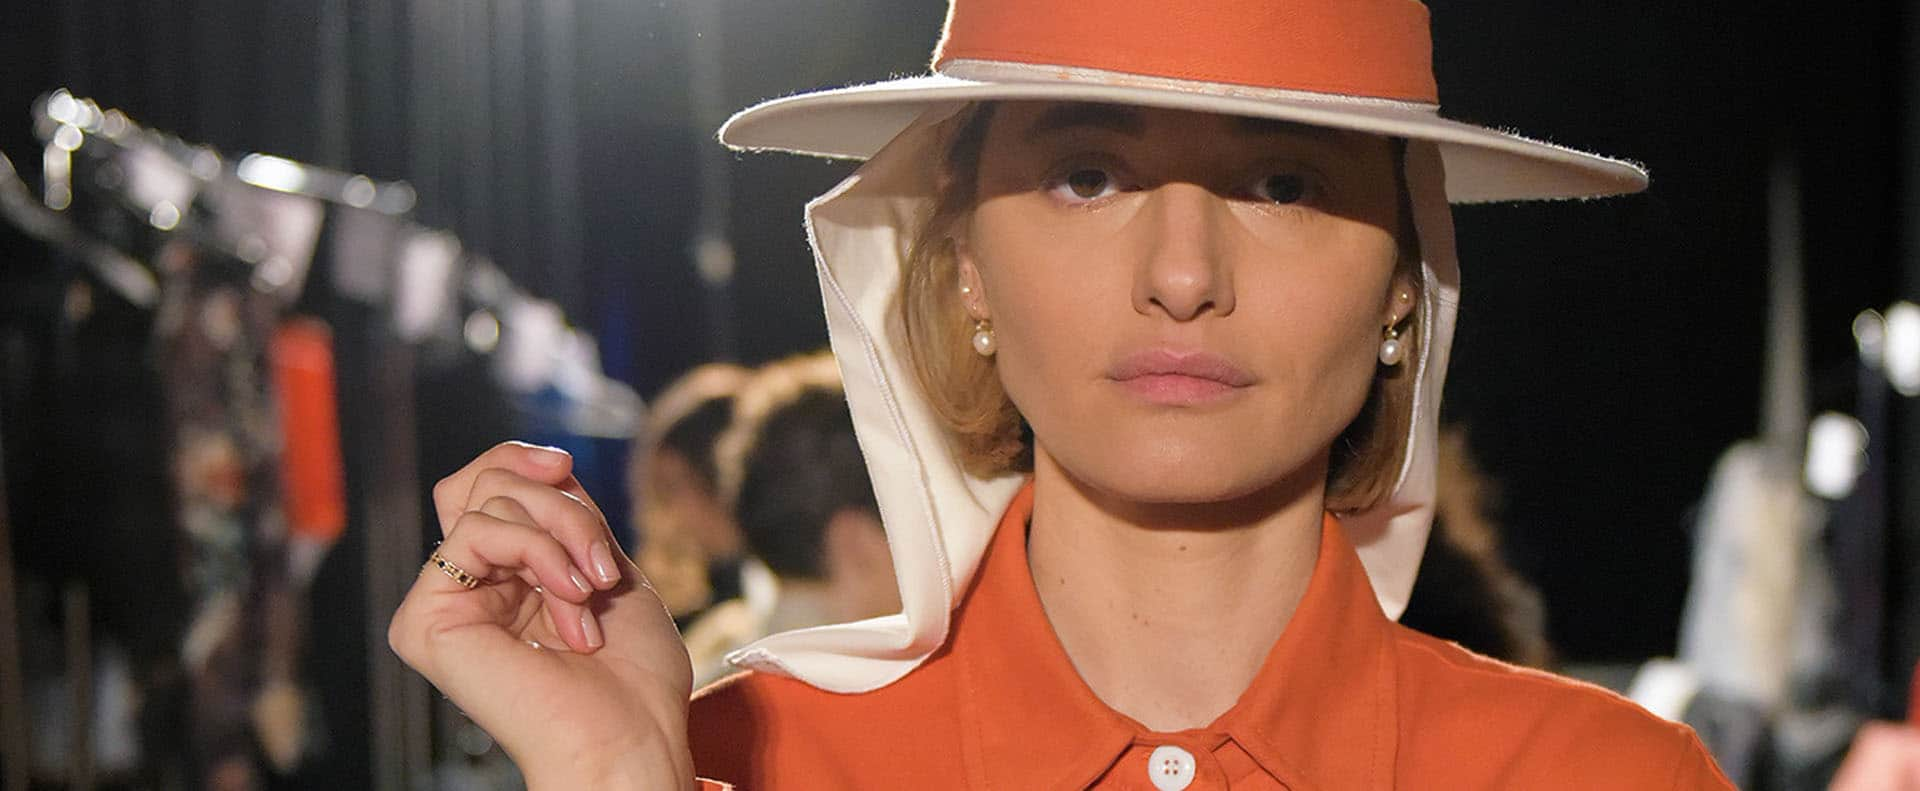 שורש. שבוע האופנה תל אביב 2019, צילום סרגו סטרודובצב